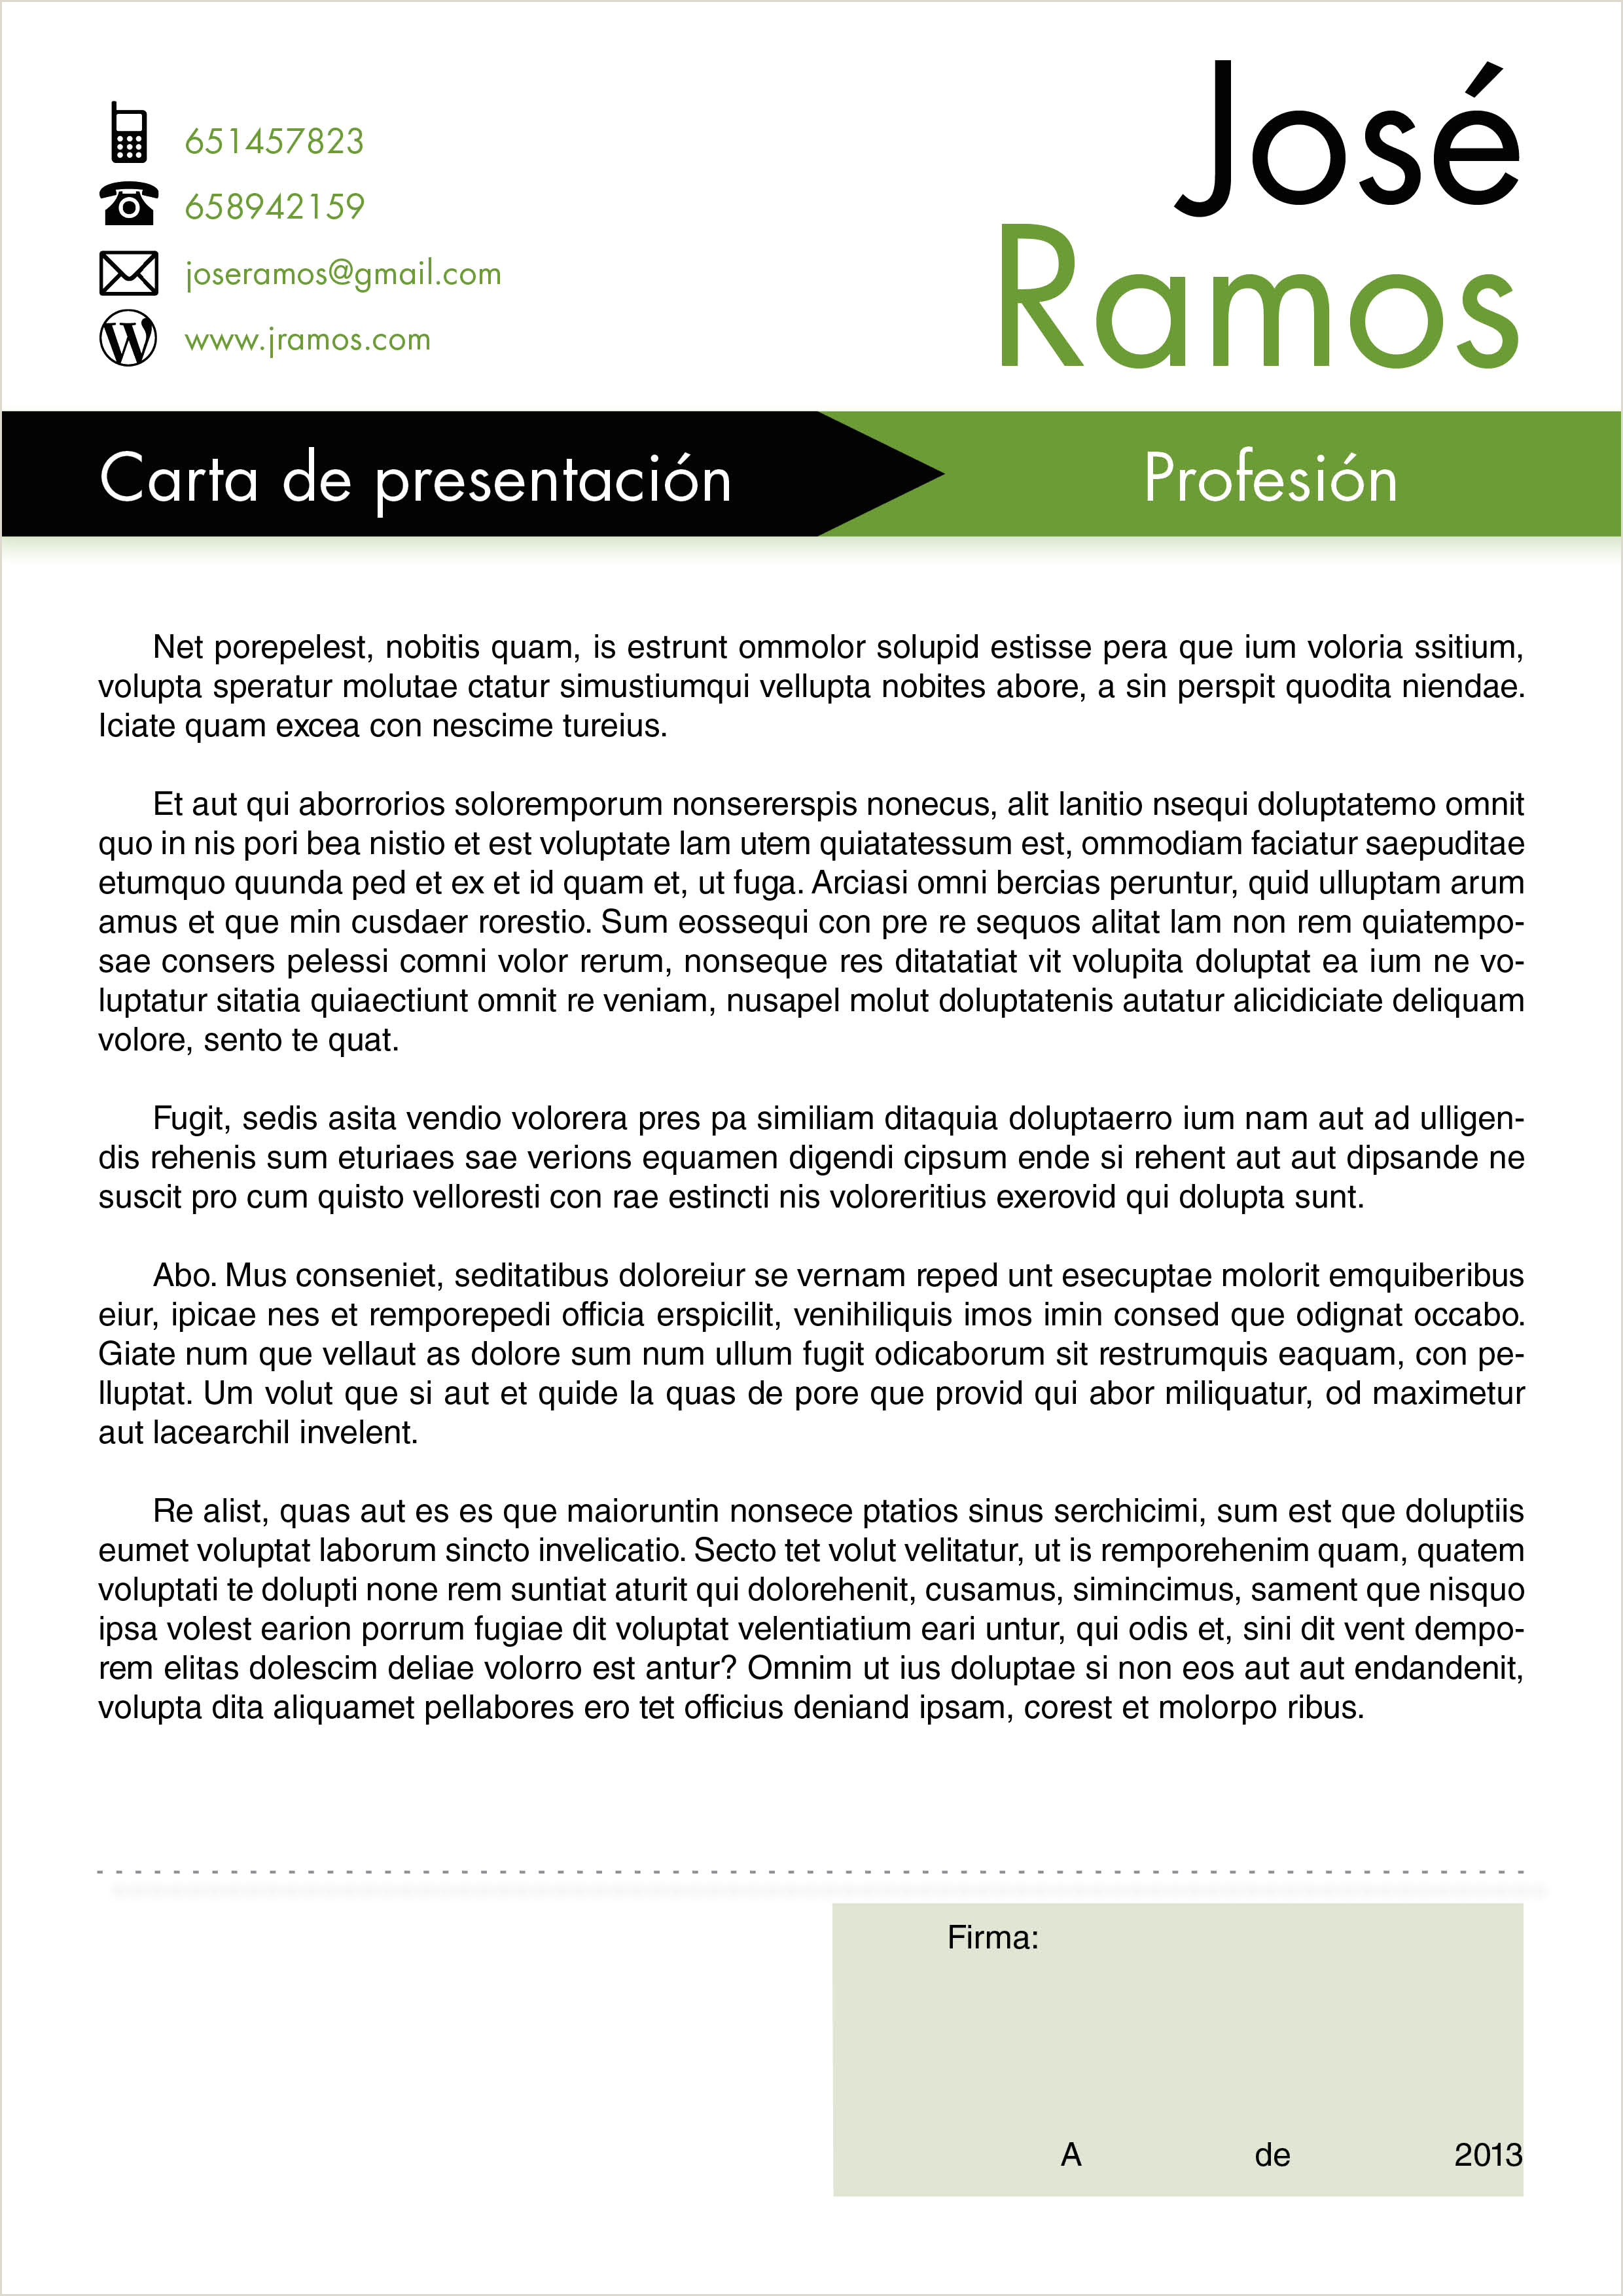 Plantillas De Curriculum Vitae Para Rellenar Y Descargar Modelos Curriculum Vitae Ejemplos Word Custom Writing Online